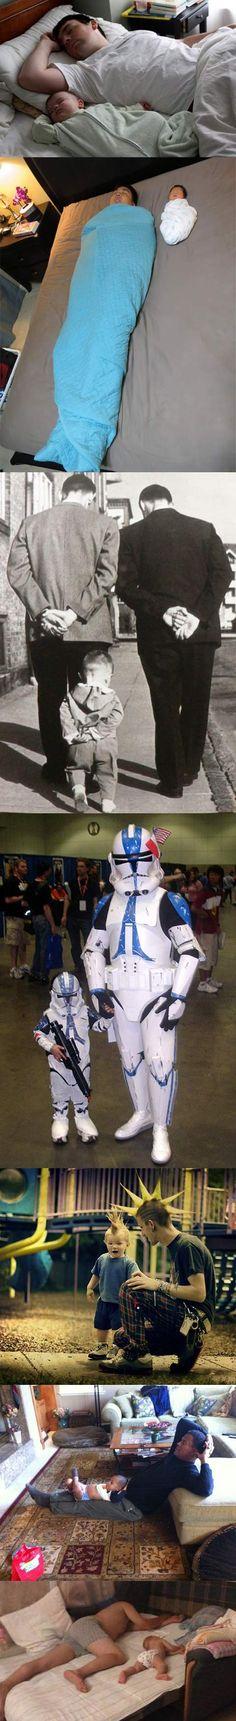 Like son, like father. :)